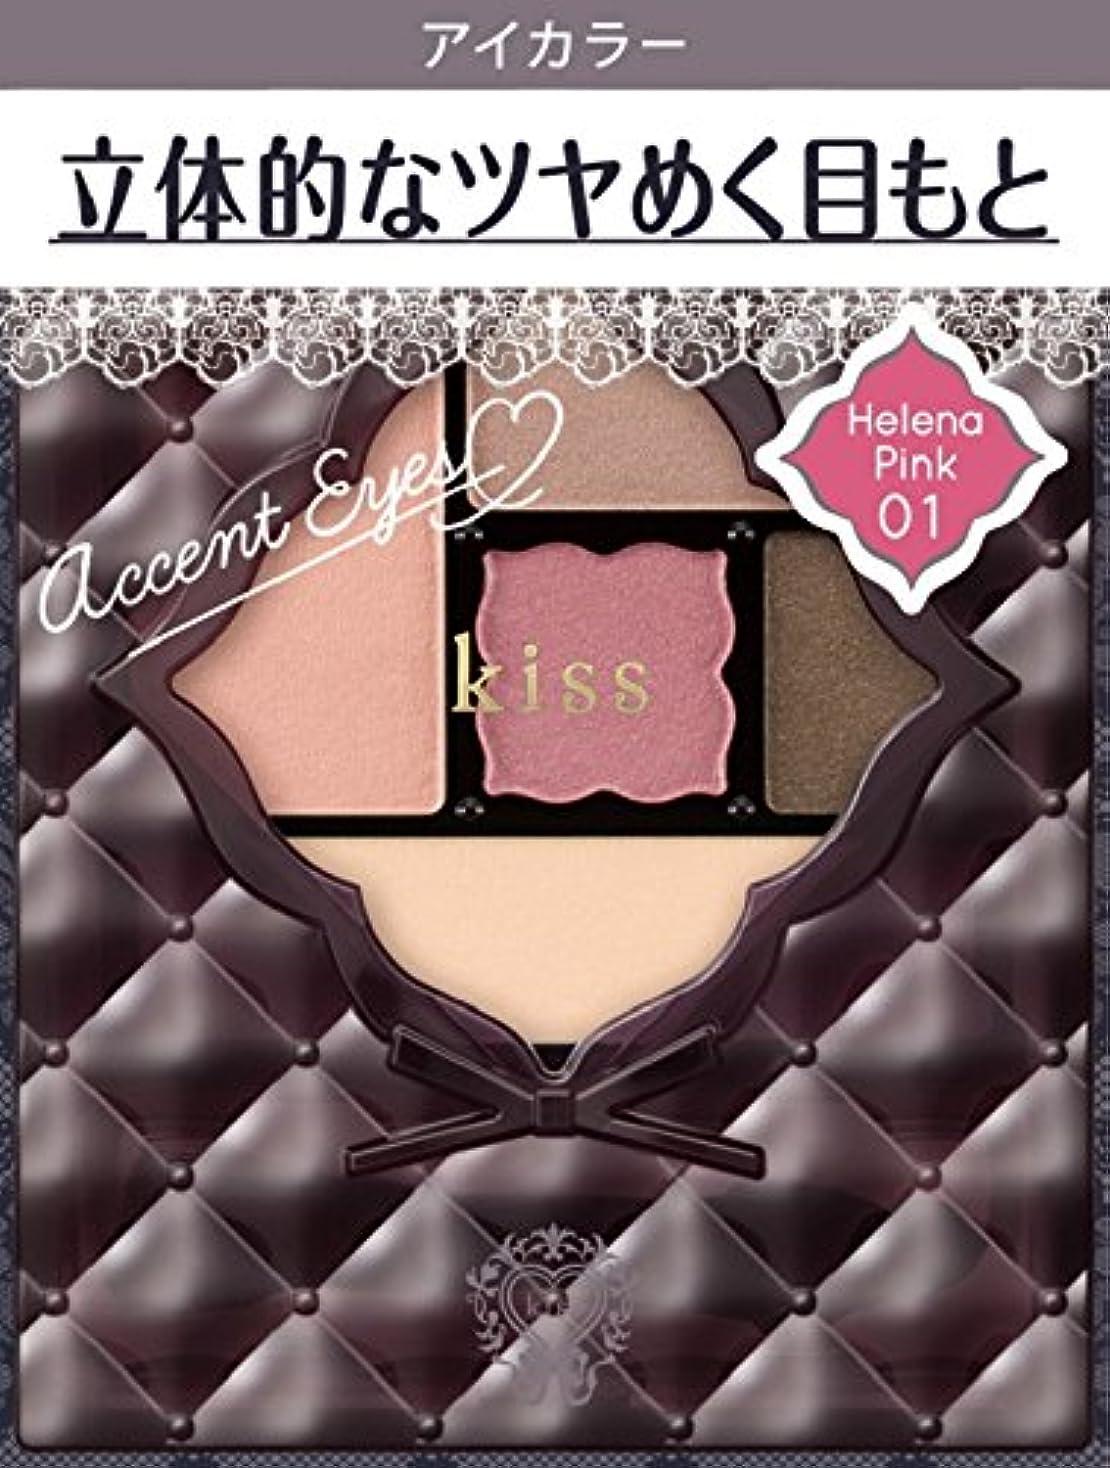 ブロー小包アーサーコナンドイルキス アクセントアイズ01 ヘレネーピンク 3.5g